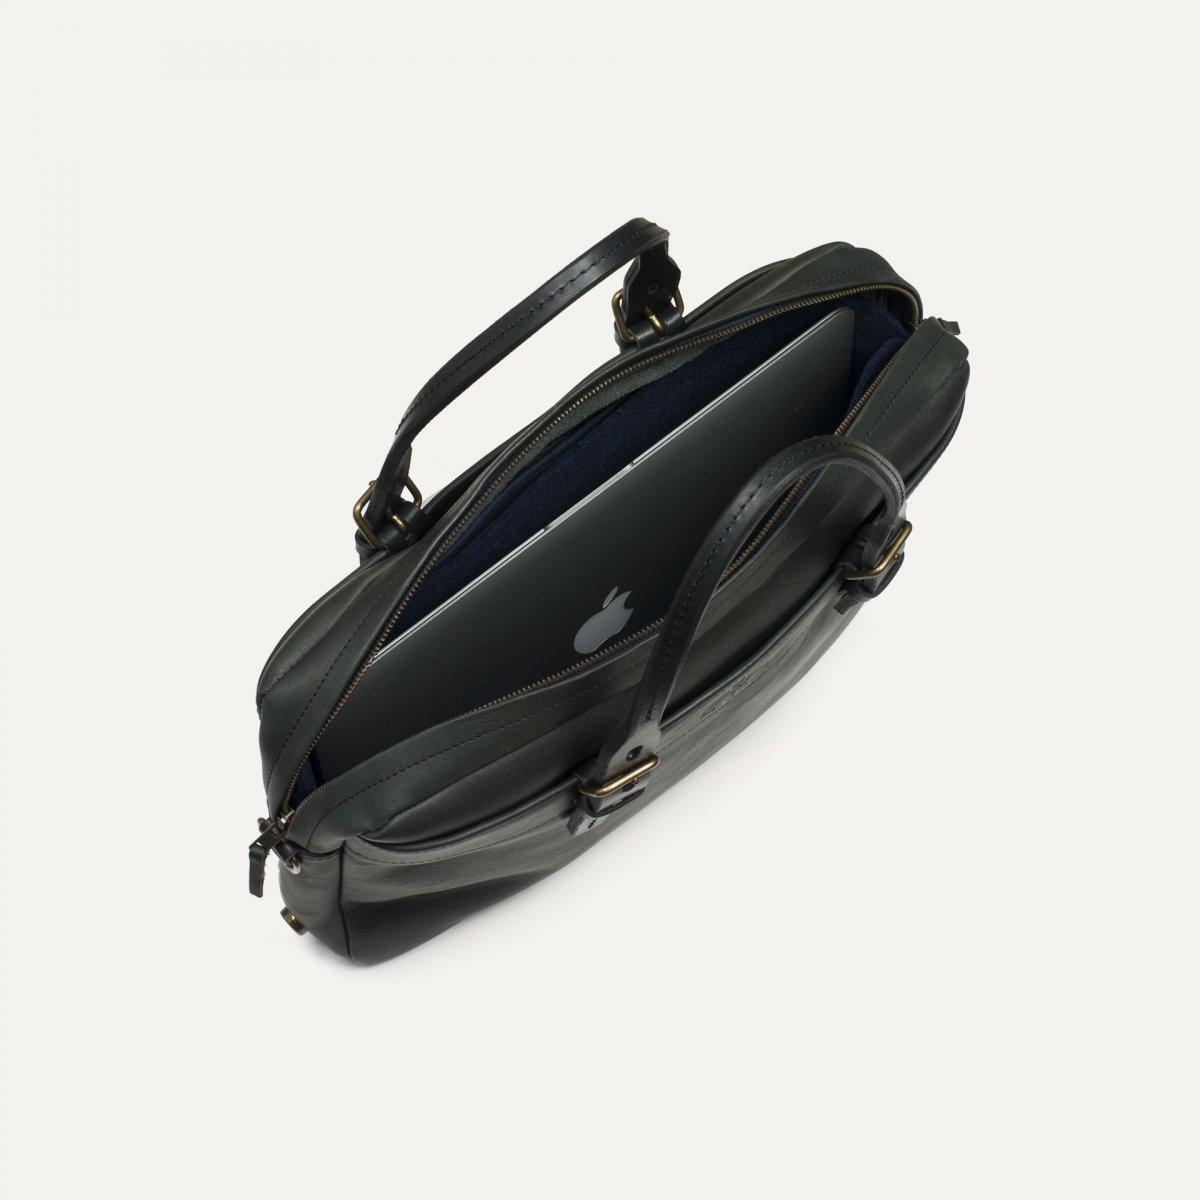 Folder Business bag - Black (image n°4)